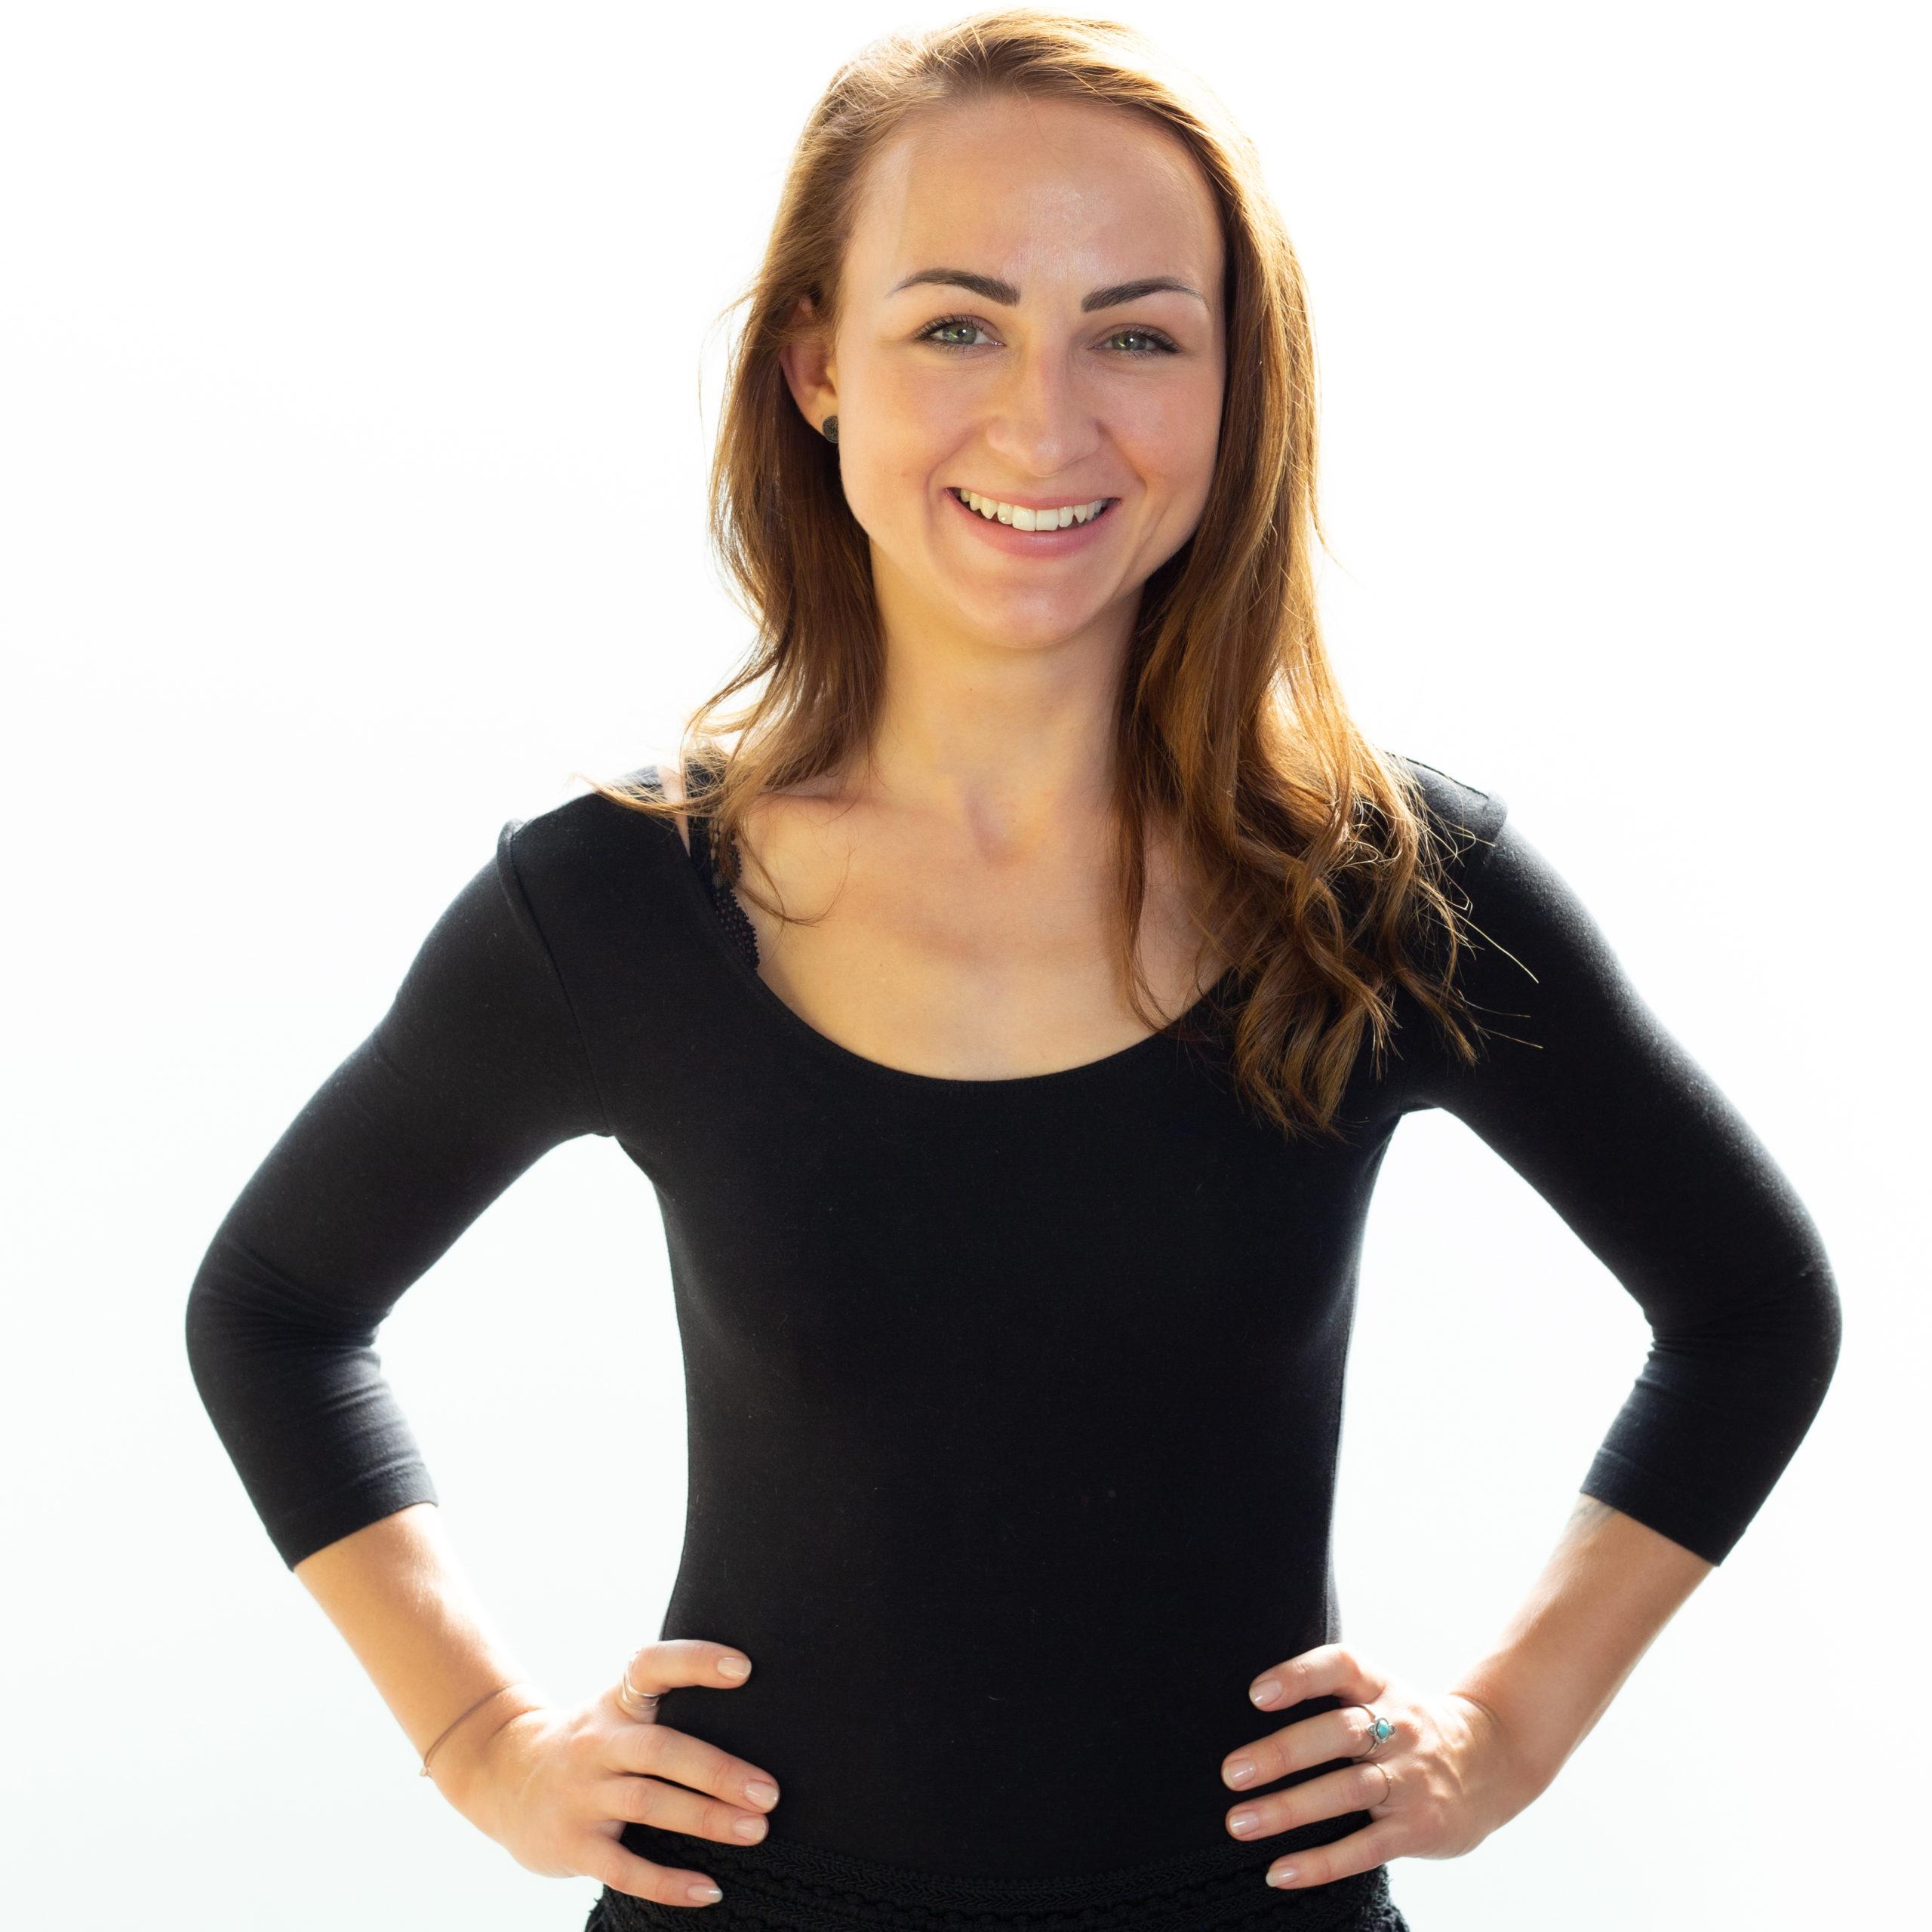 Astrid Kristina Haas